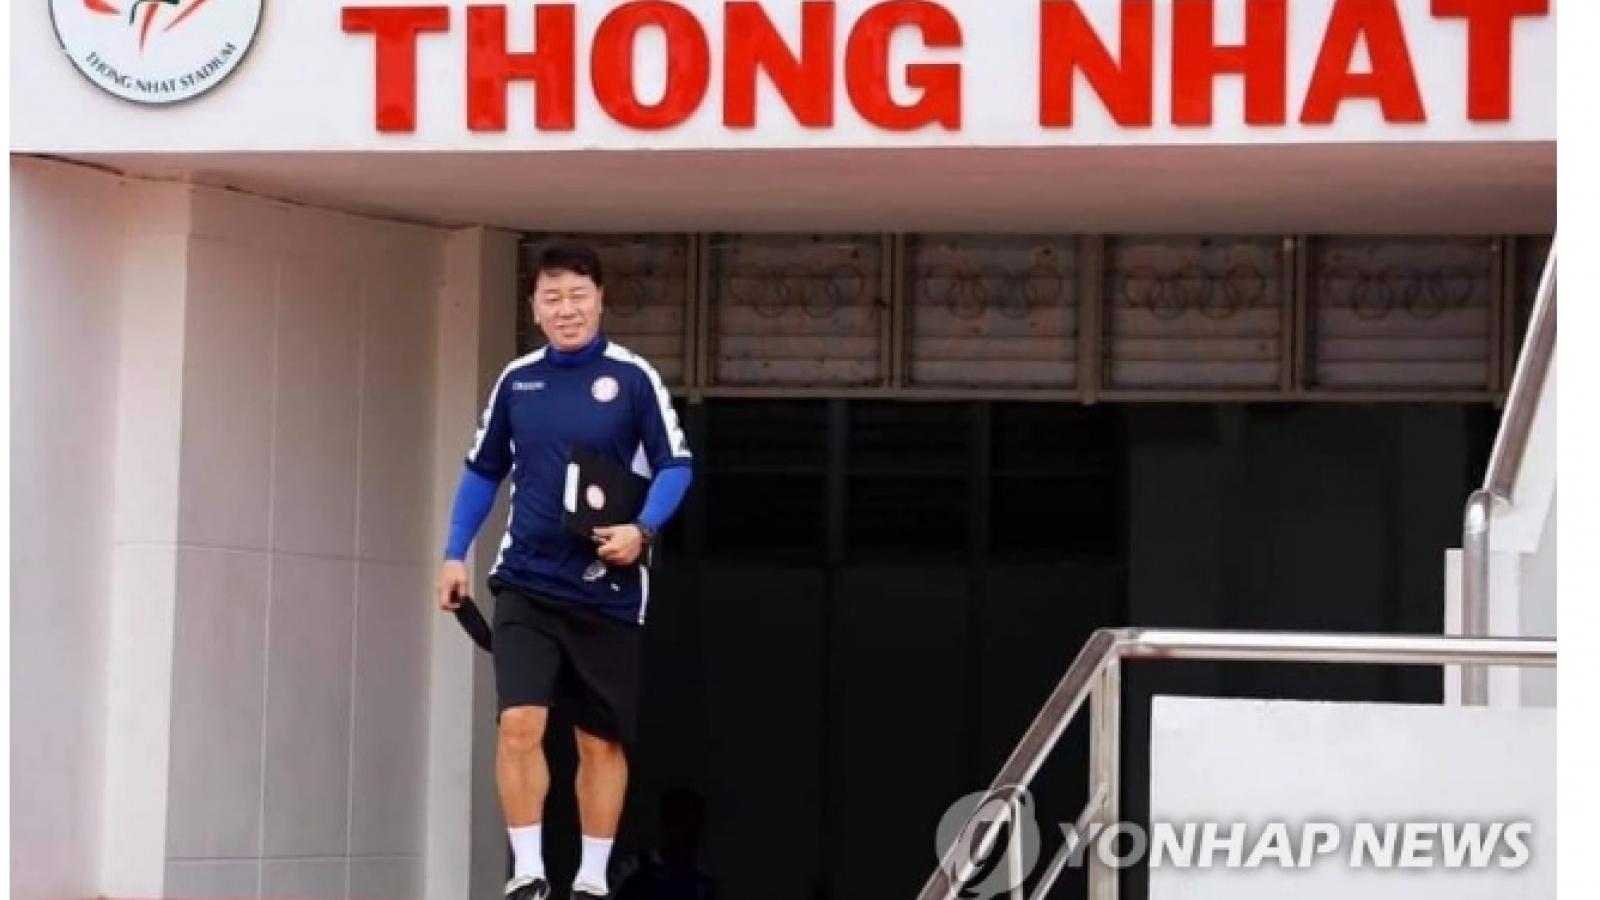 HLV Chung Hae-seong tiết lộ thông tin bất ngờ về CLB TPHCM